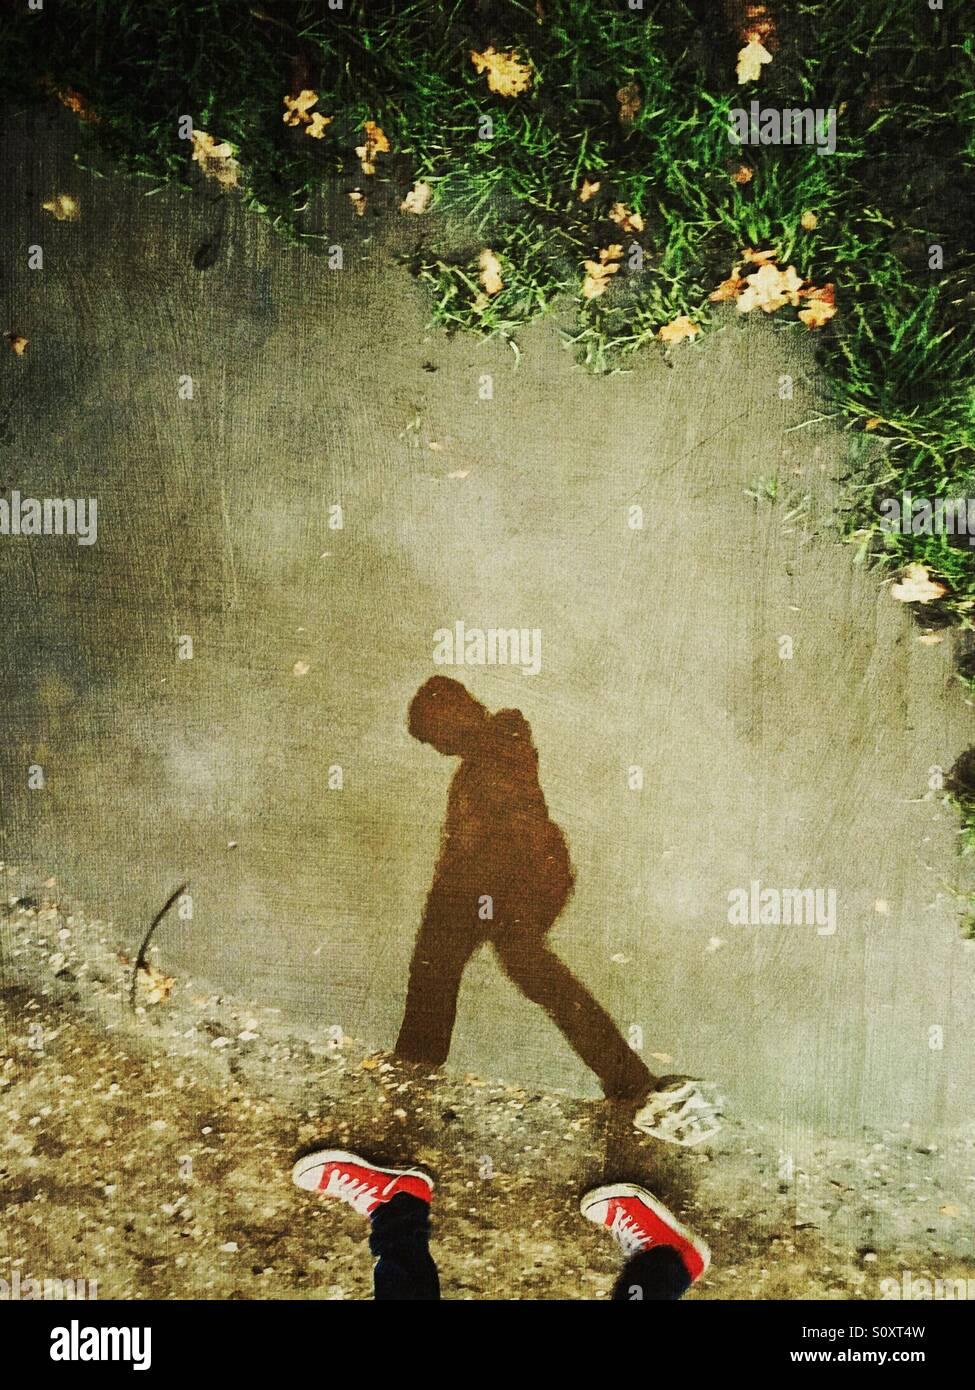 Ragazzo silhouette a piedi con red converse Immagini Stock